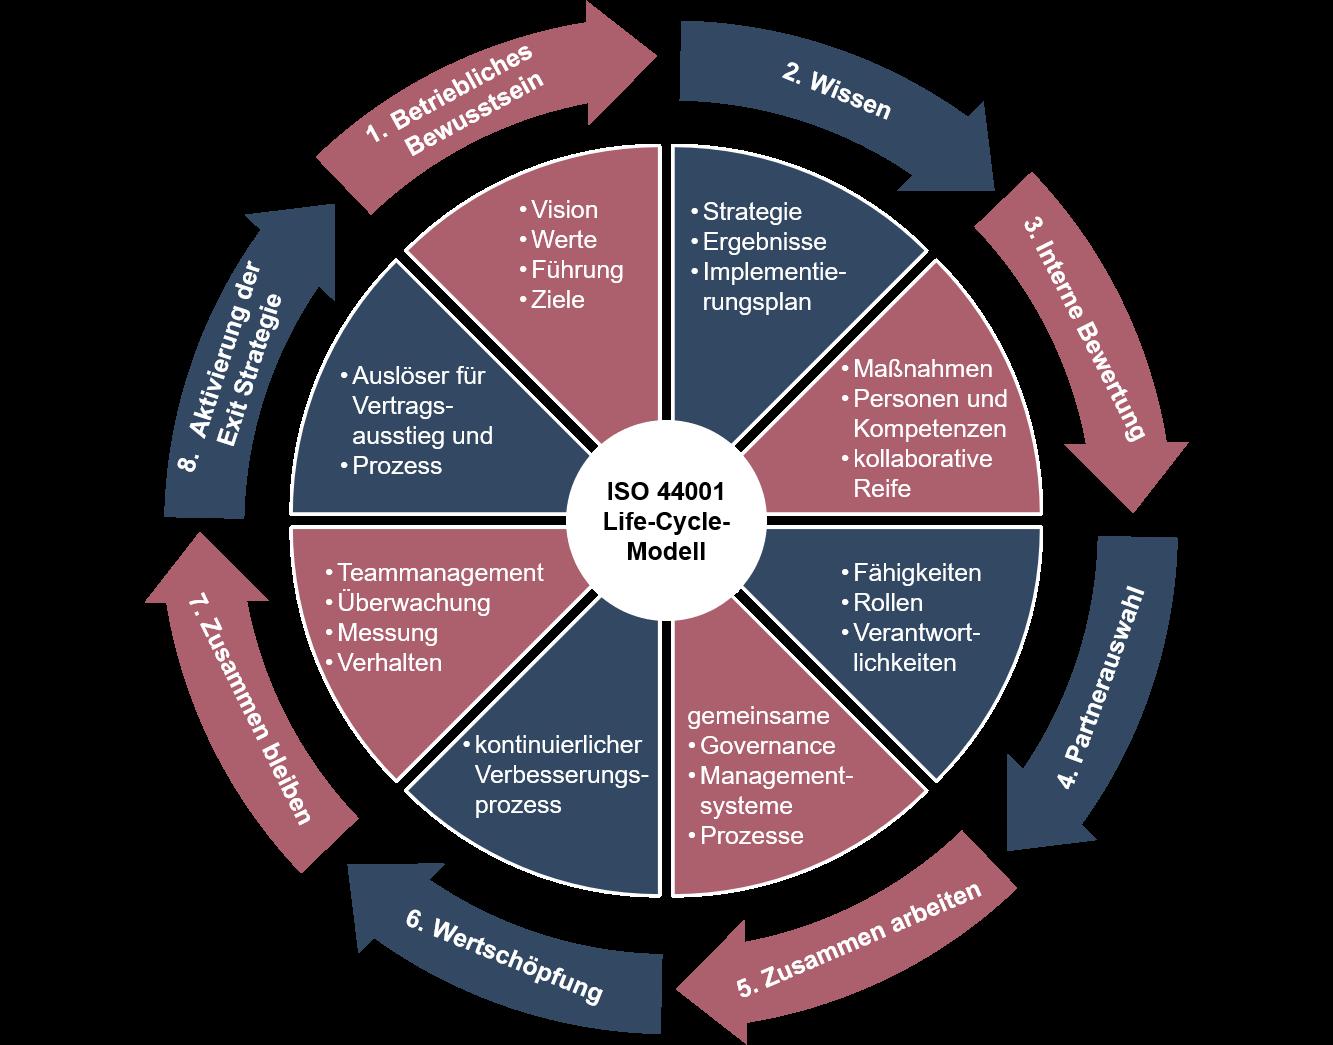 Abbildung 2: Die acht Schritte des ISO 44001 Life-Cycle-Modells